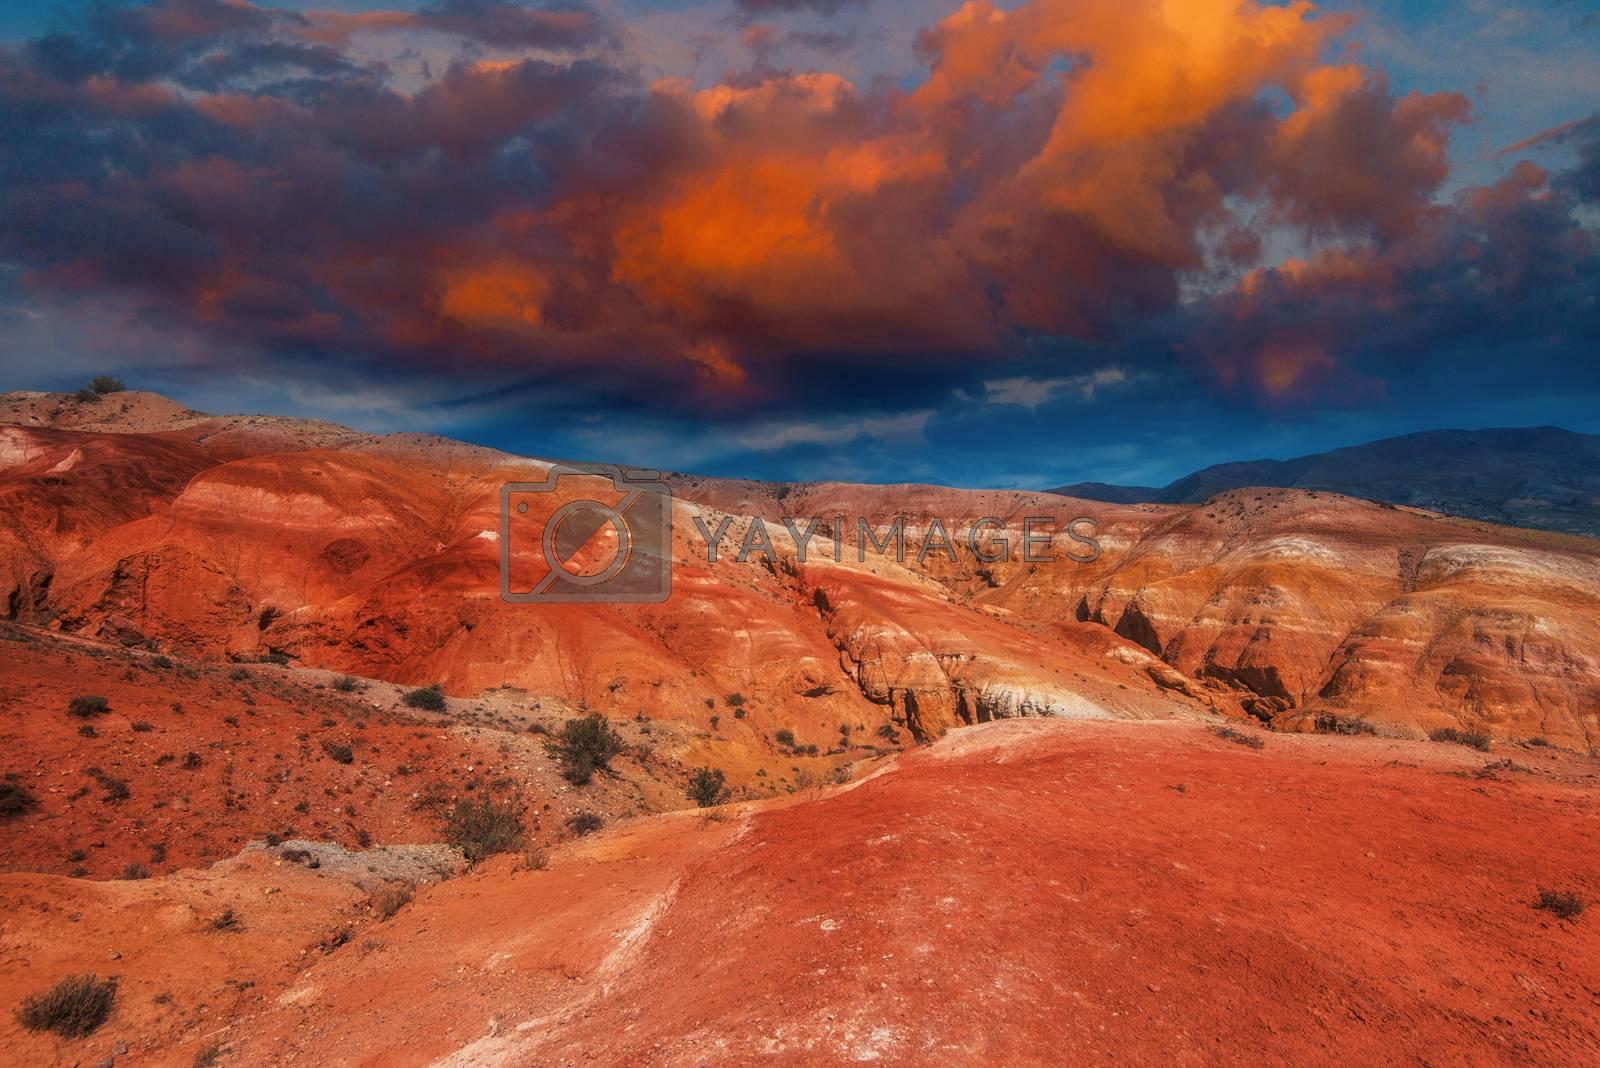 Mars landscape with beauty sky sunset